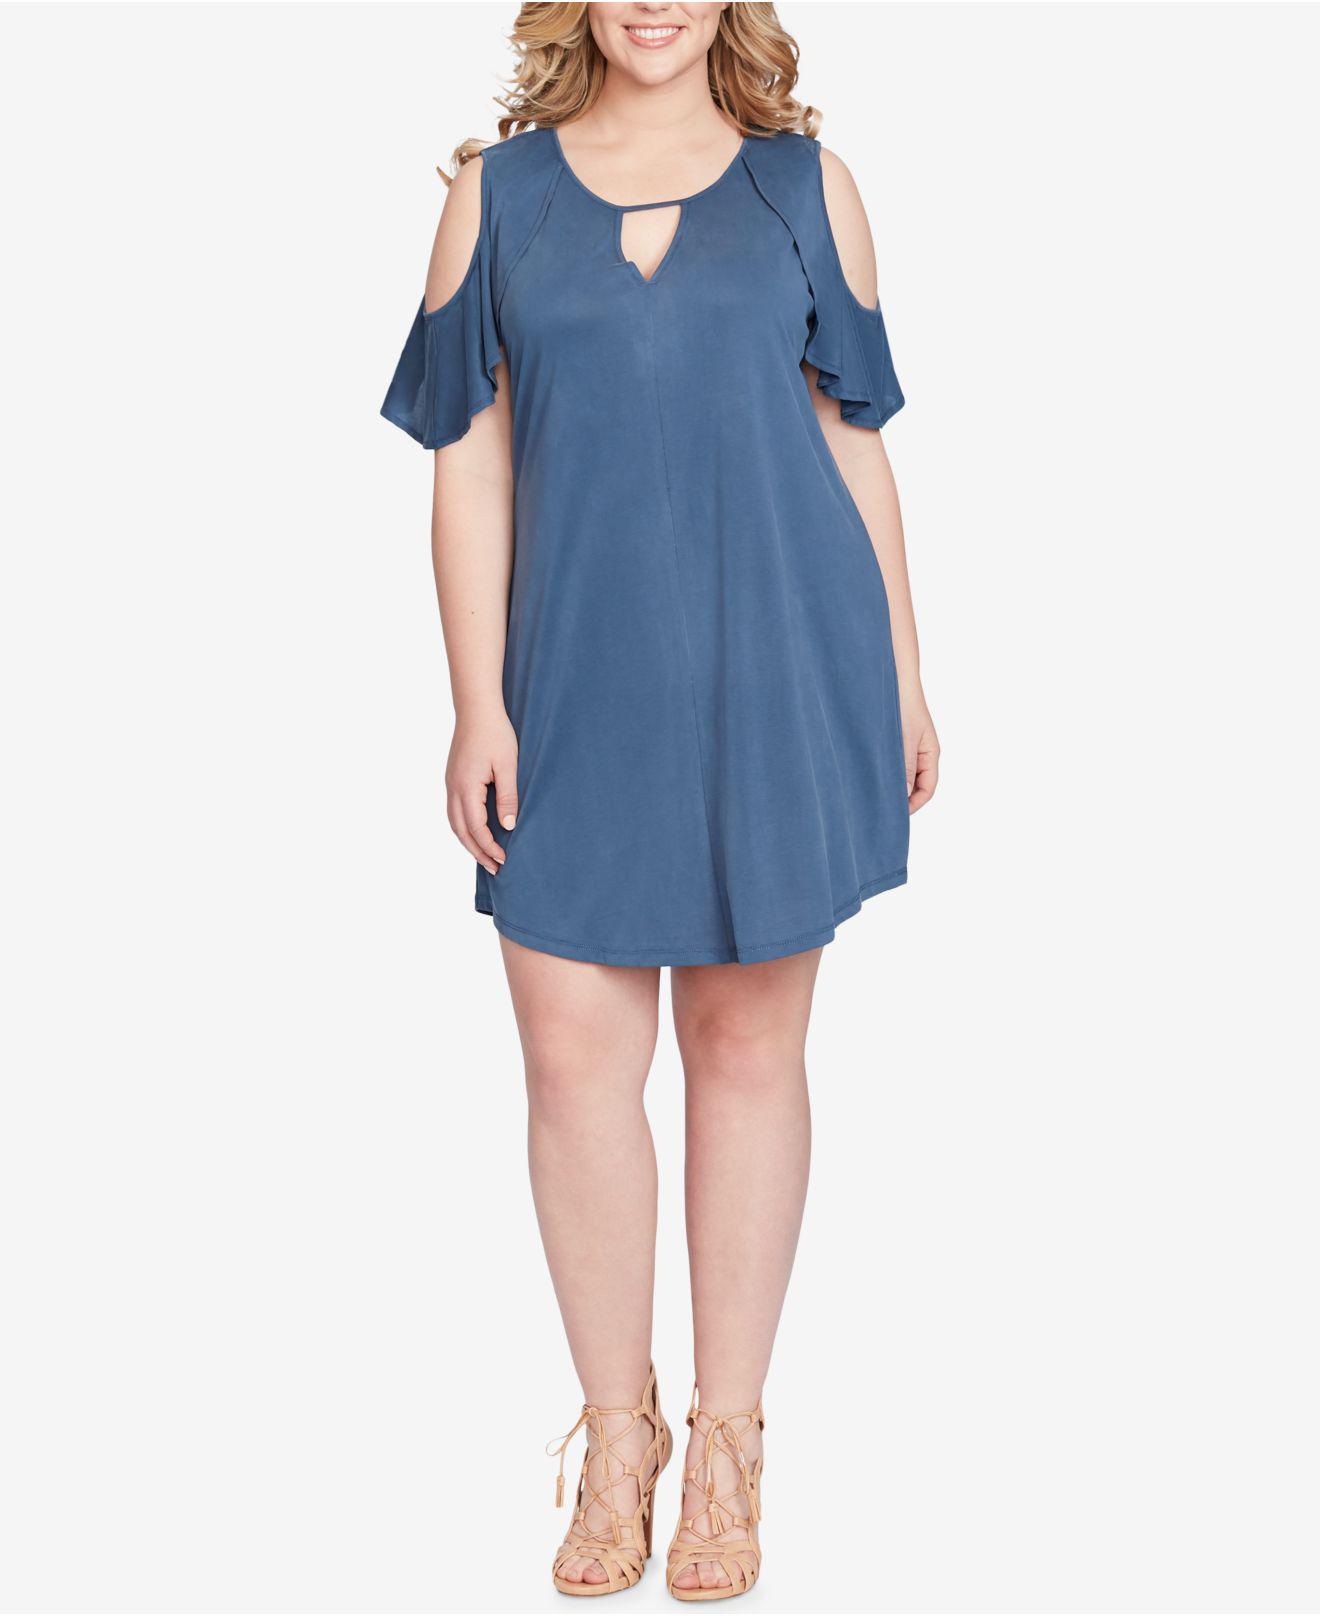 fcc8568d496706 Lyst - Jessica Simpson Trendy Plus Size Cold-shoulder Shift Dress in ...